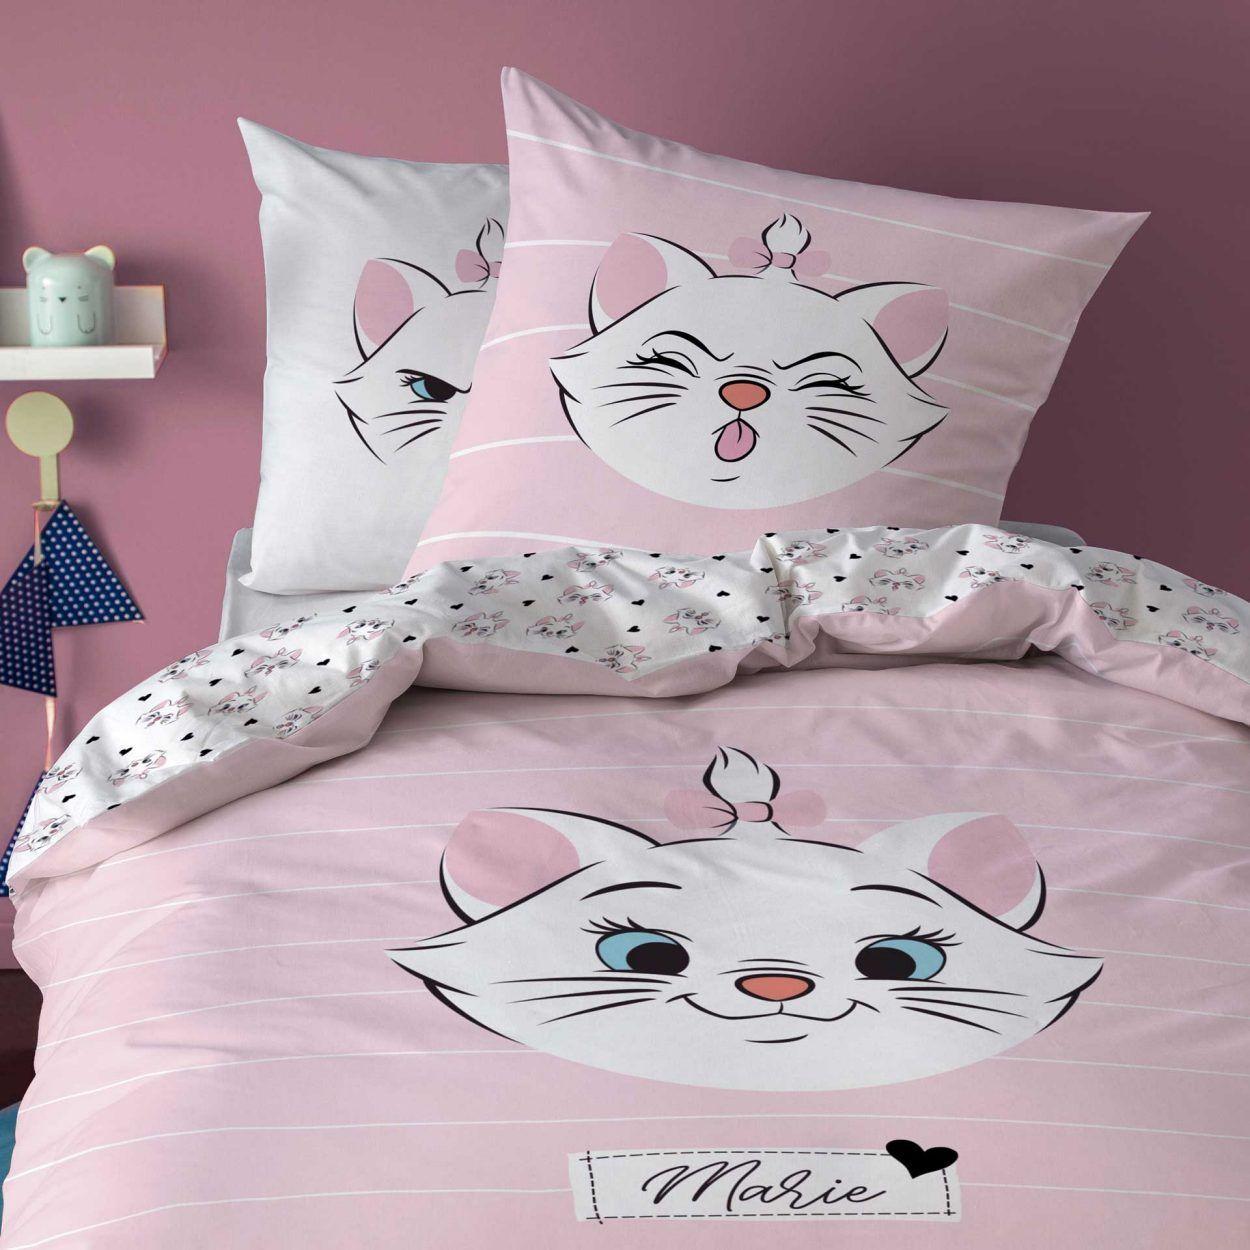 Parure de lit pour enfant - 140 x 200 cm, 1 taie d'oreiller 63 x 63 cm